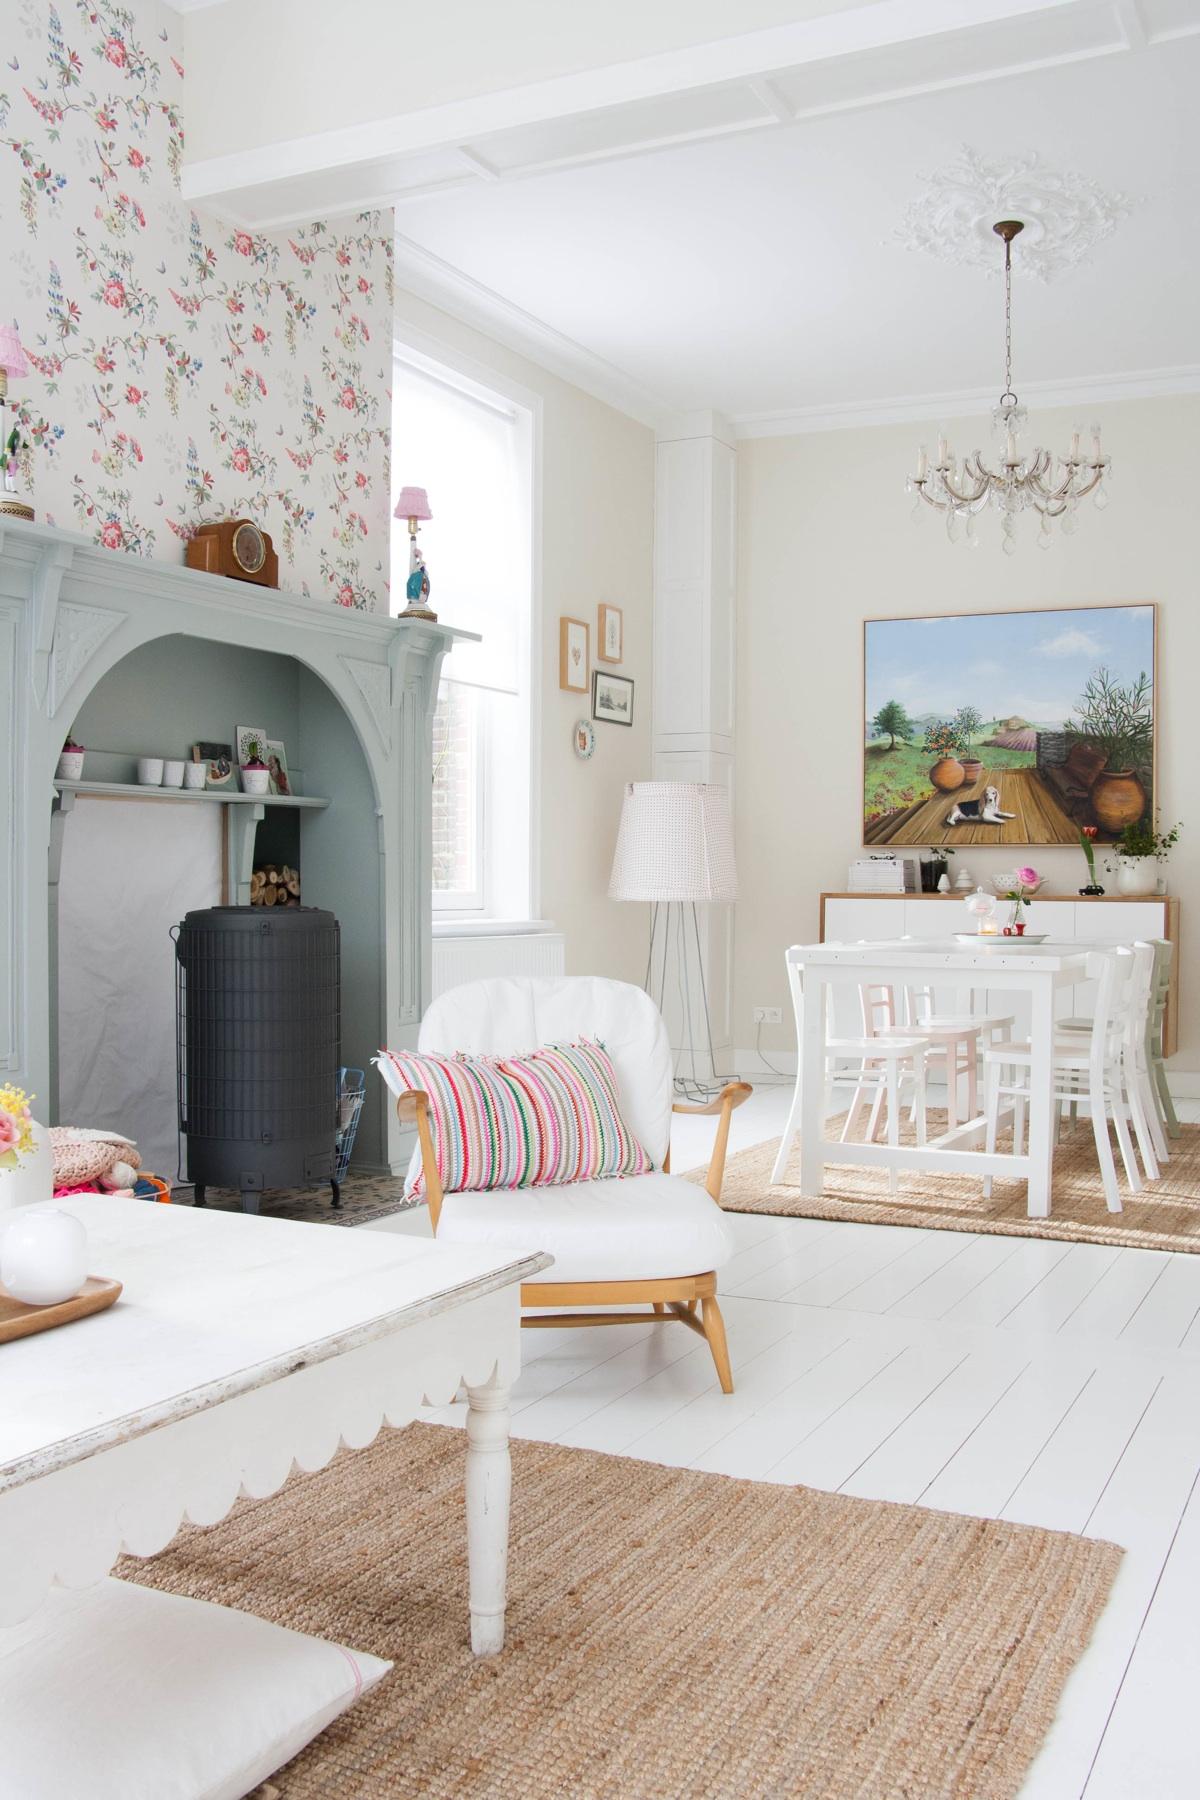 Casa estilo vintage femenino 06